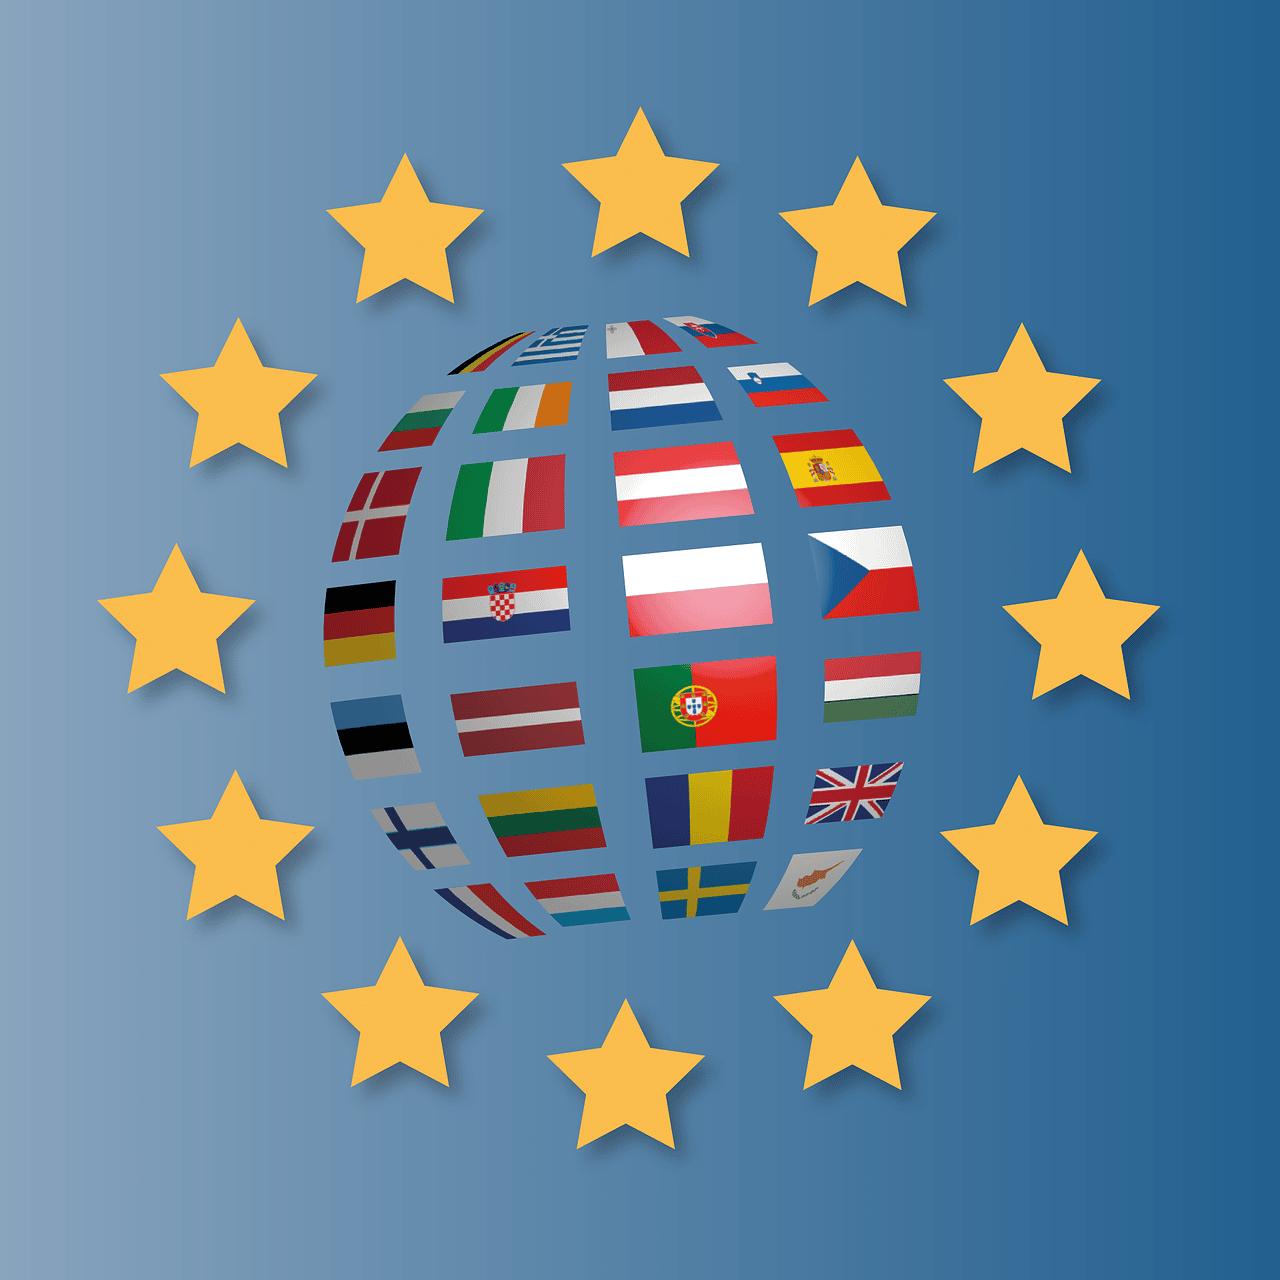 Les dettes publiques européennes contaminées par la pandémie